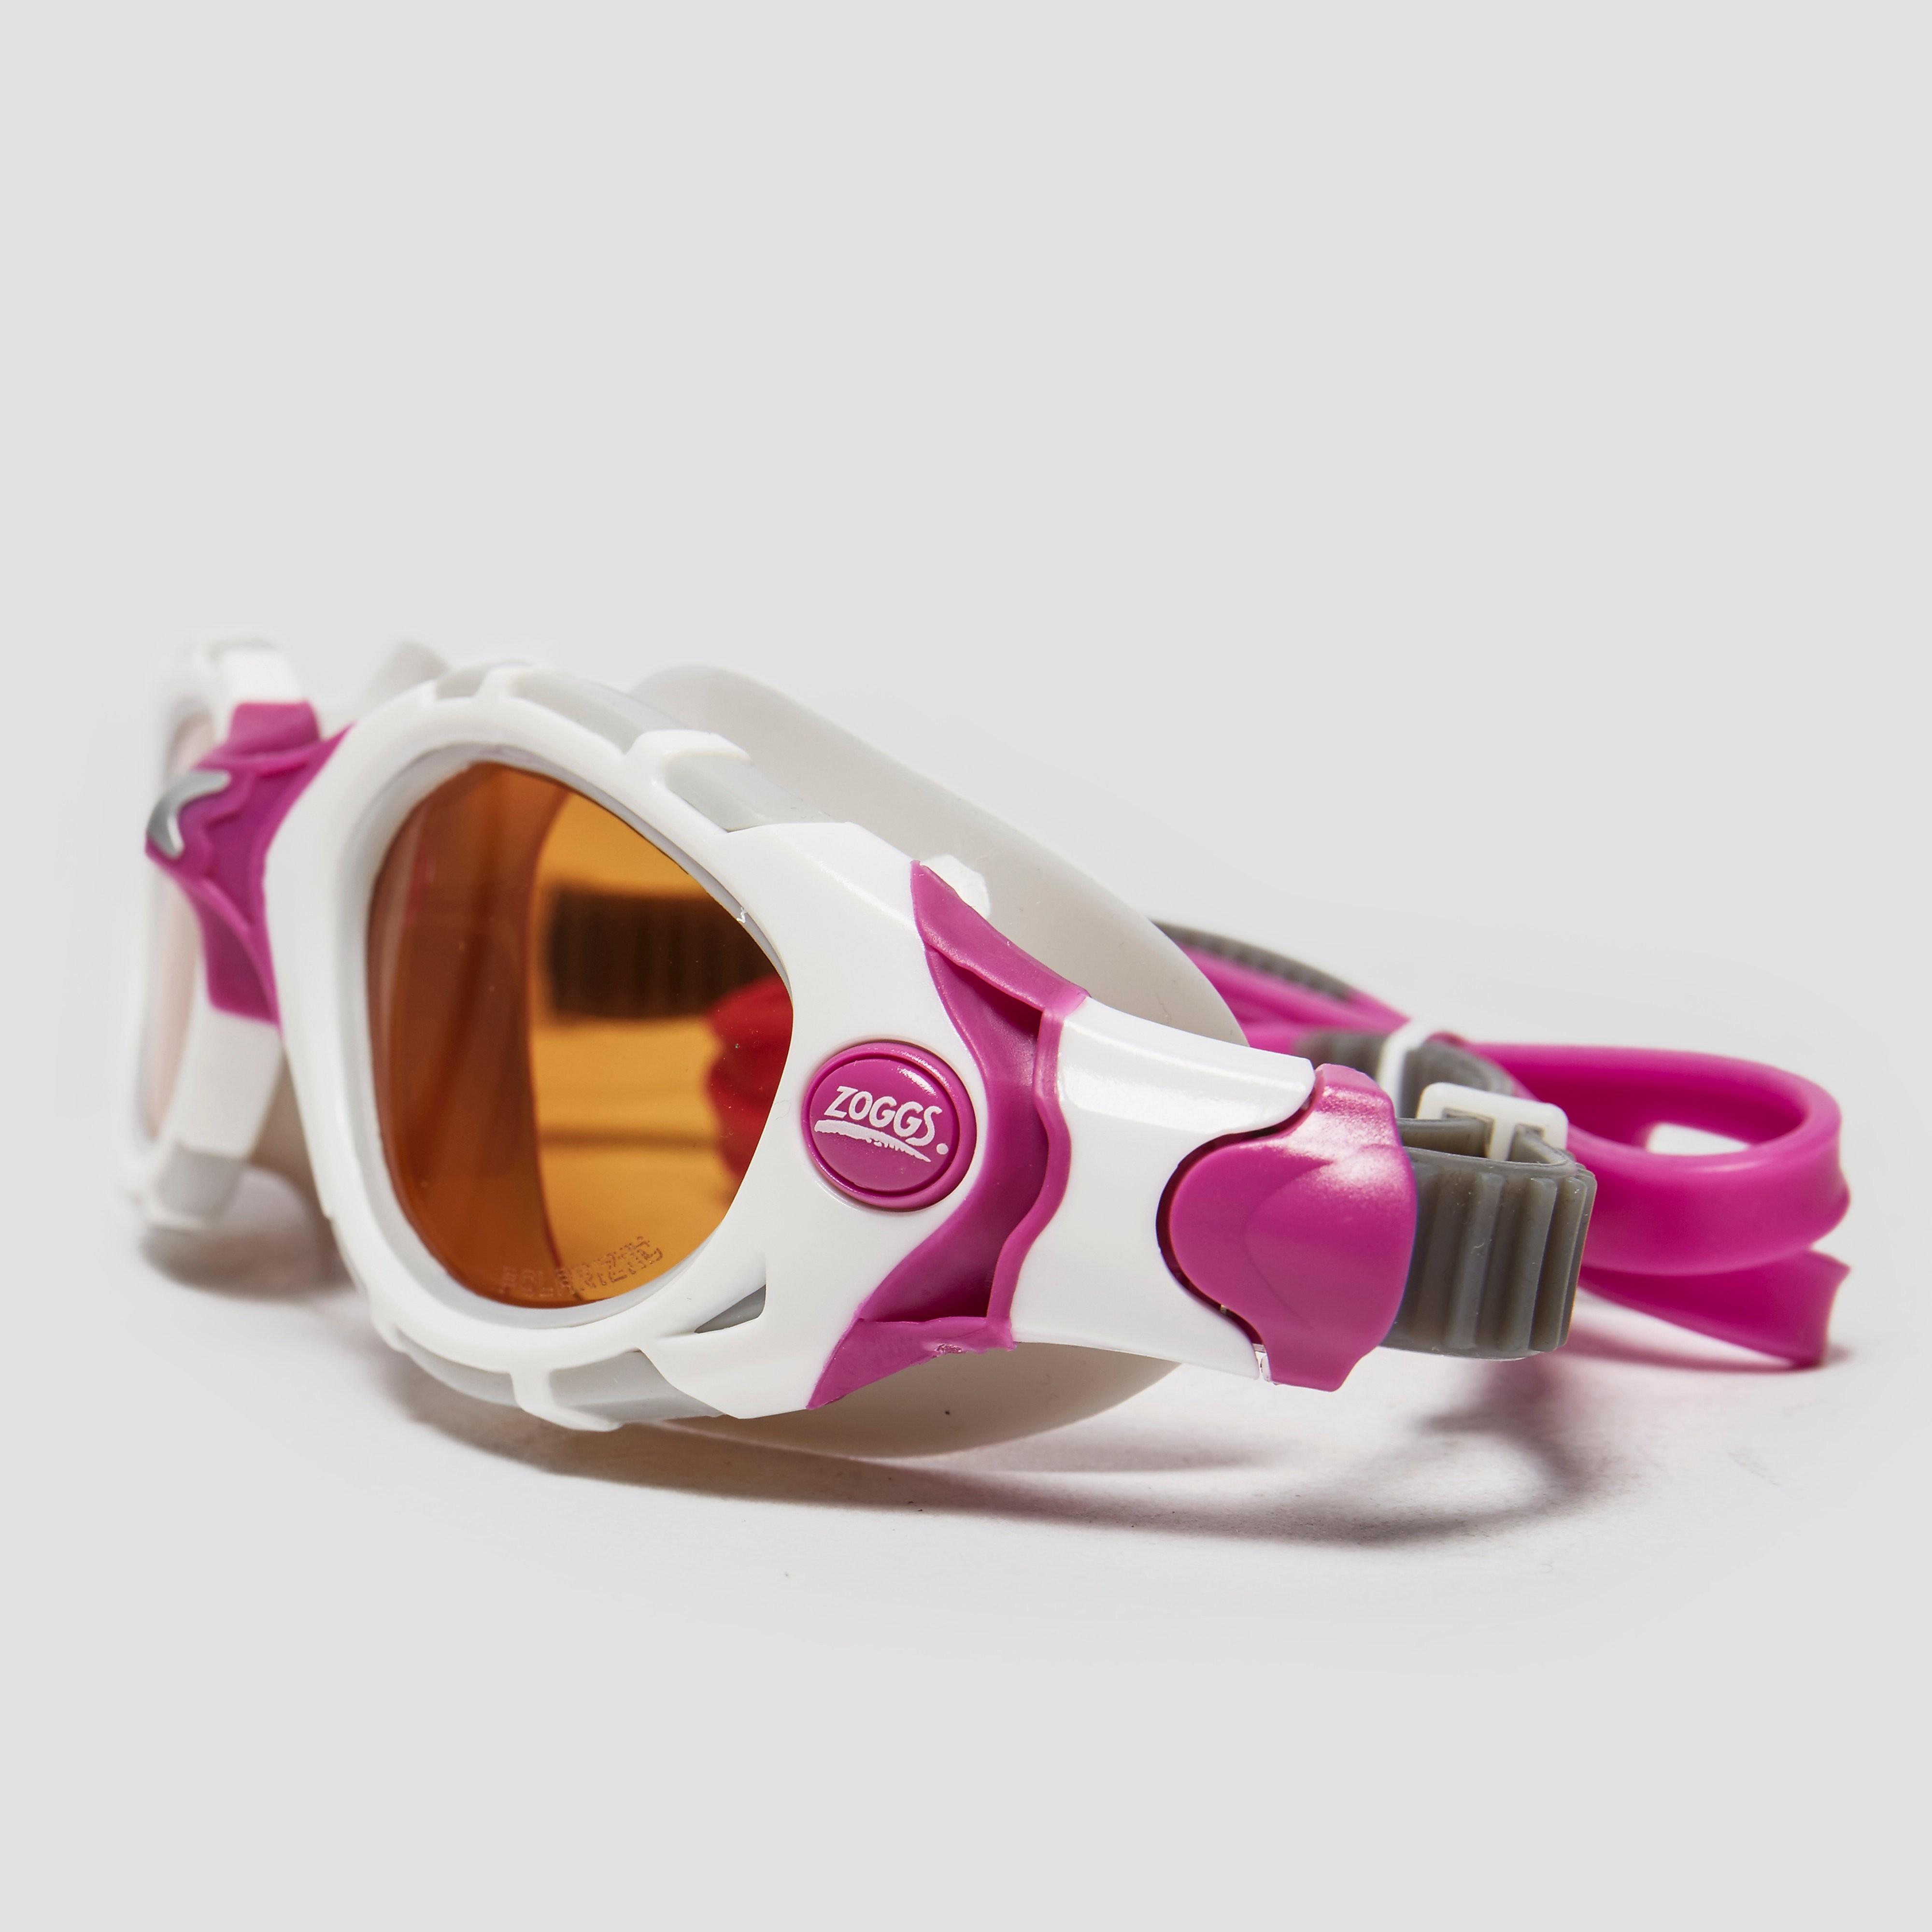 Zoggs Predator Flex Women's Swimming Goggles